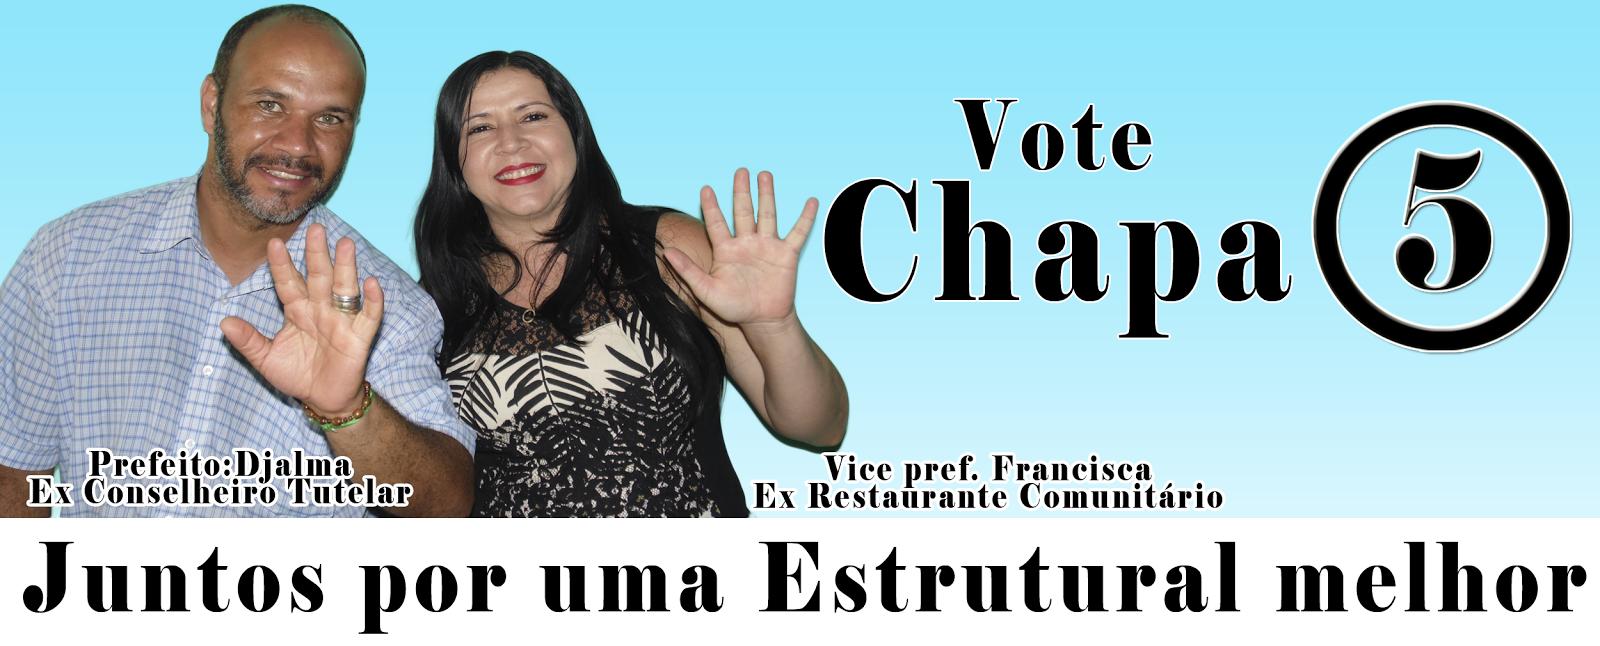 Vote Chapa 5